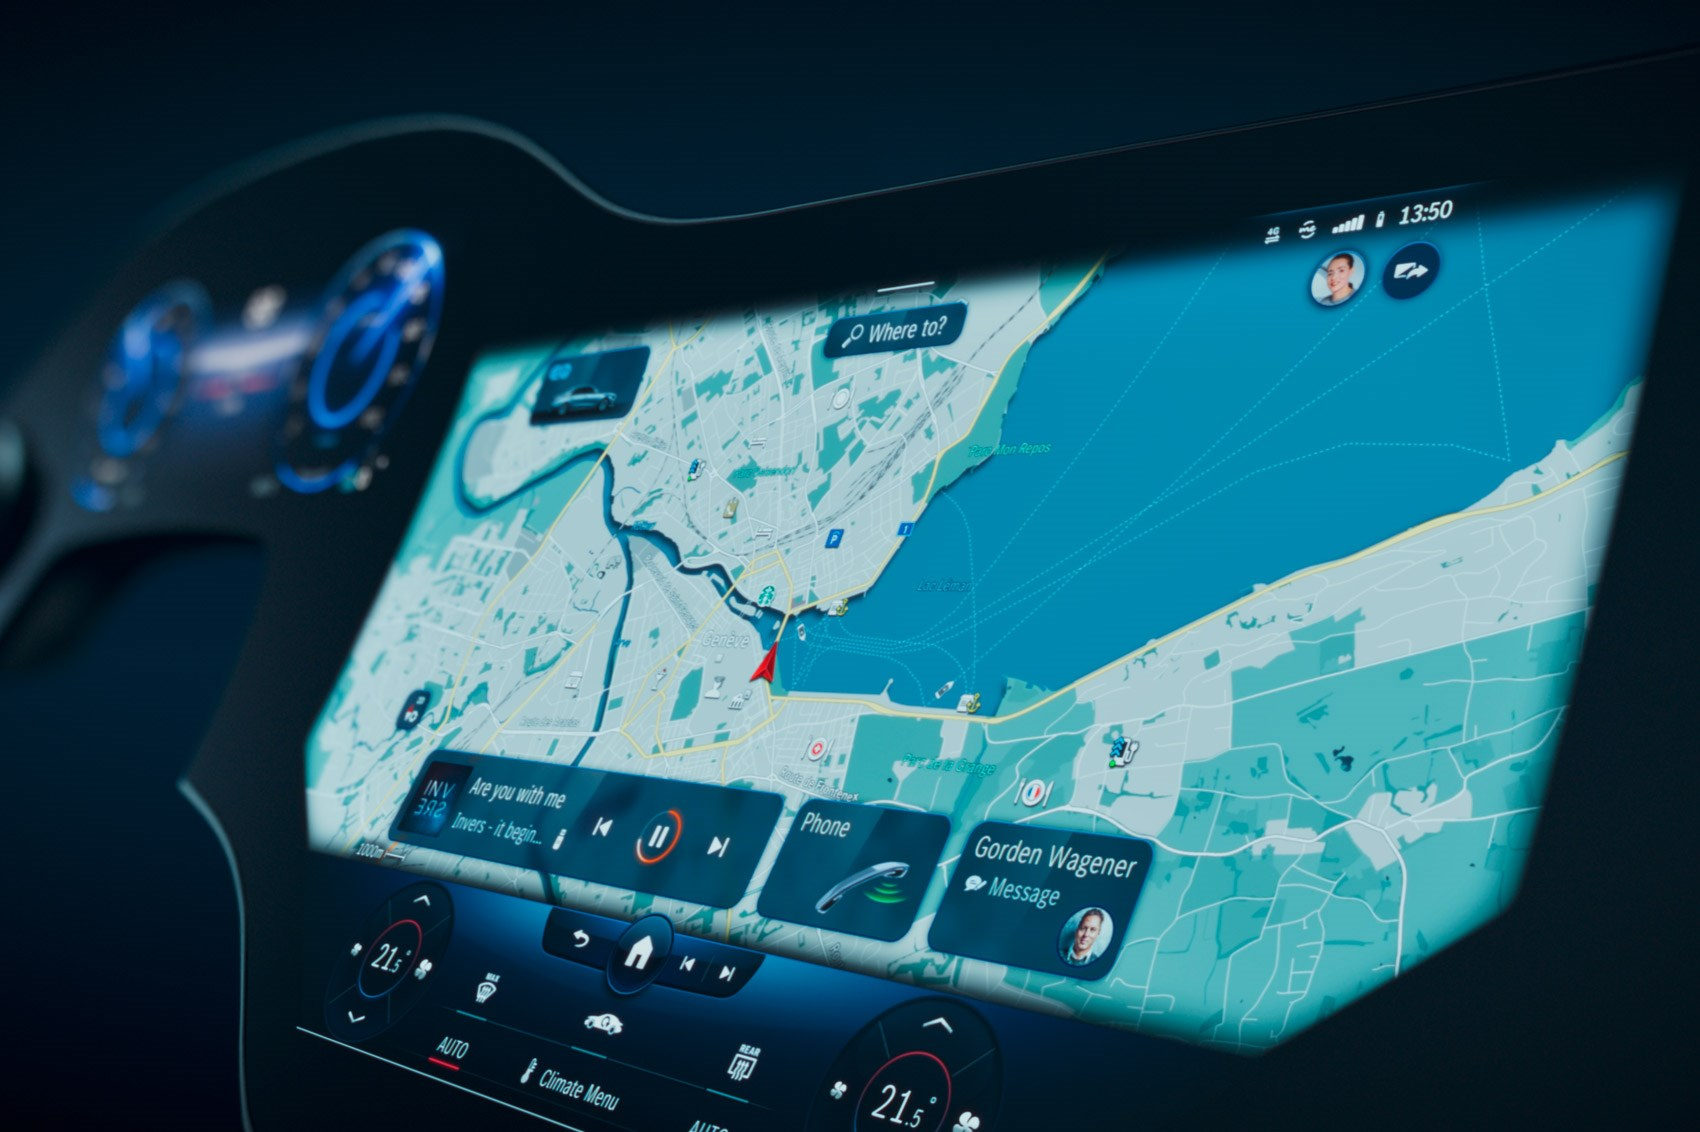 MBUX Hyperscreen meet the new Mercedes EQS infotainment